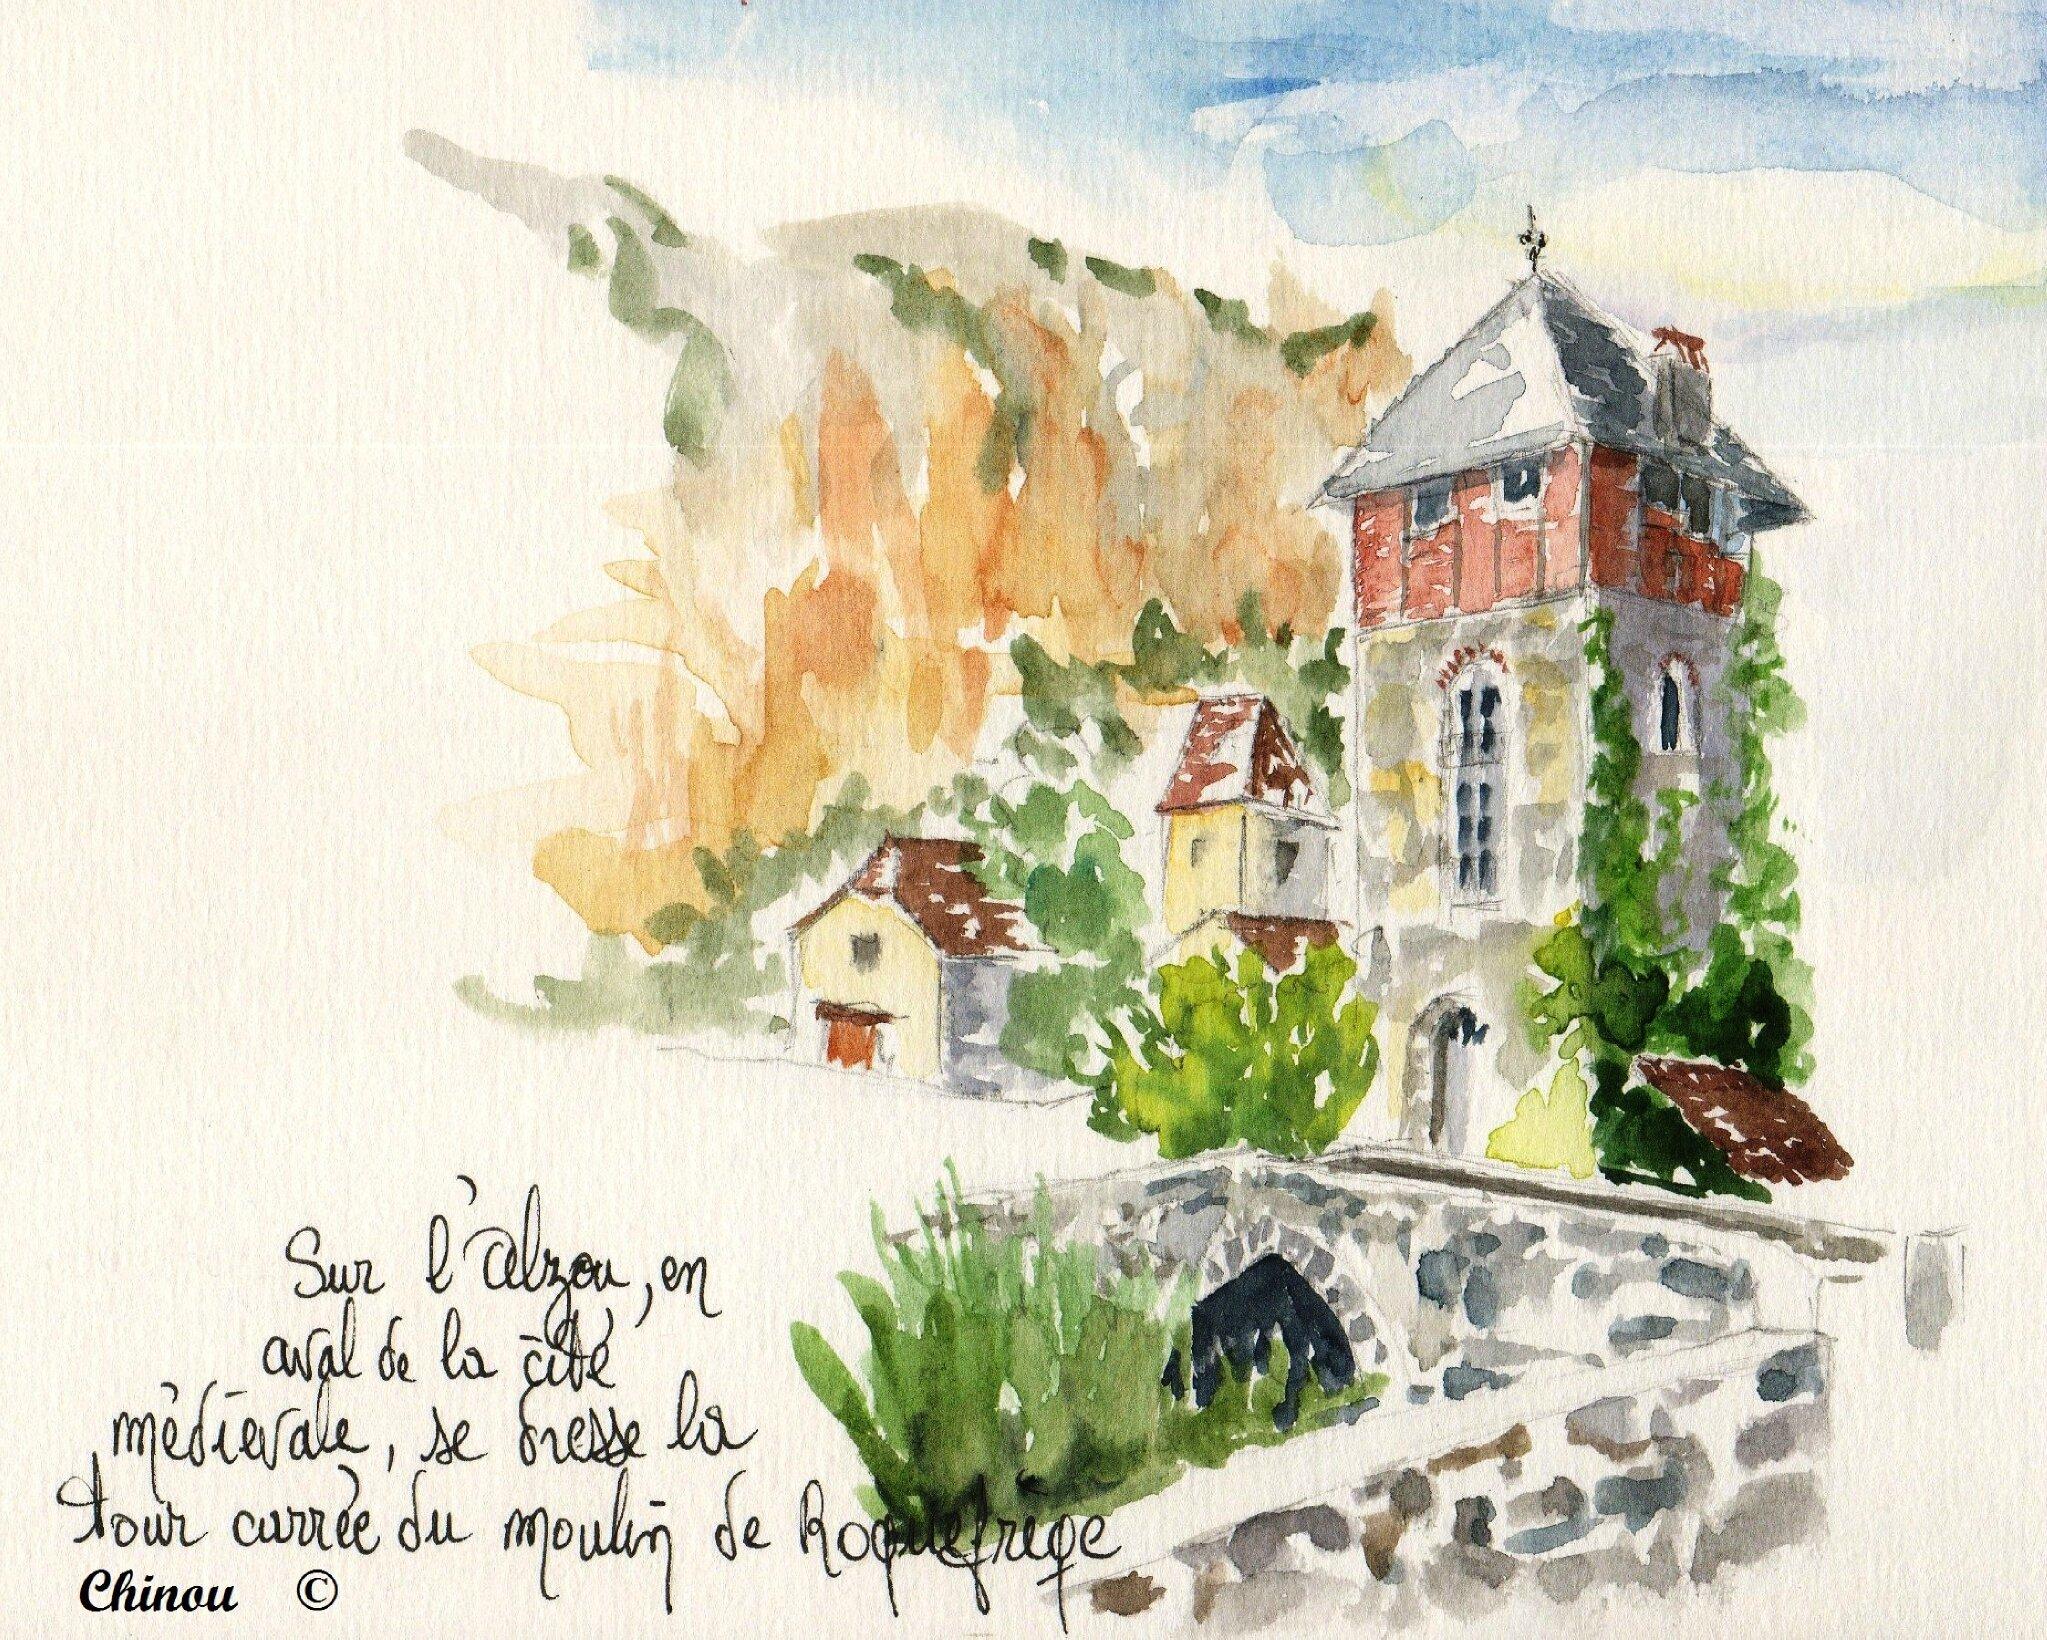 Moulin de Roquefrège